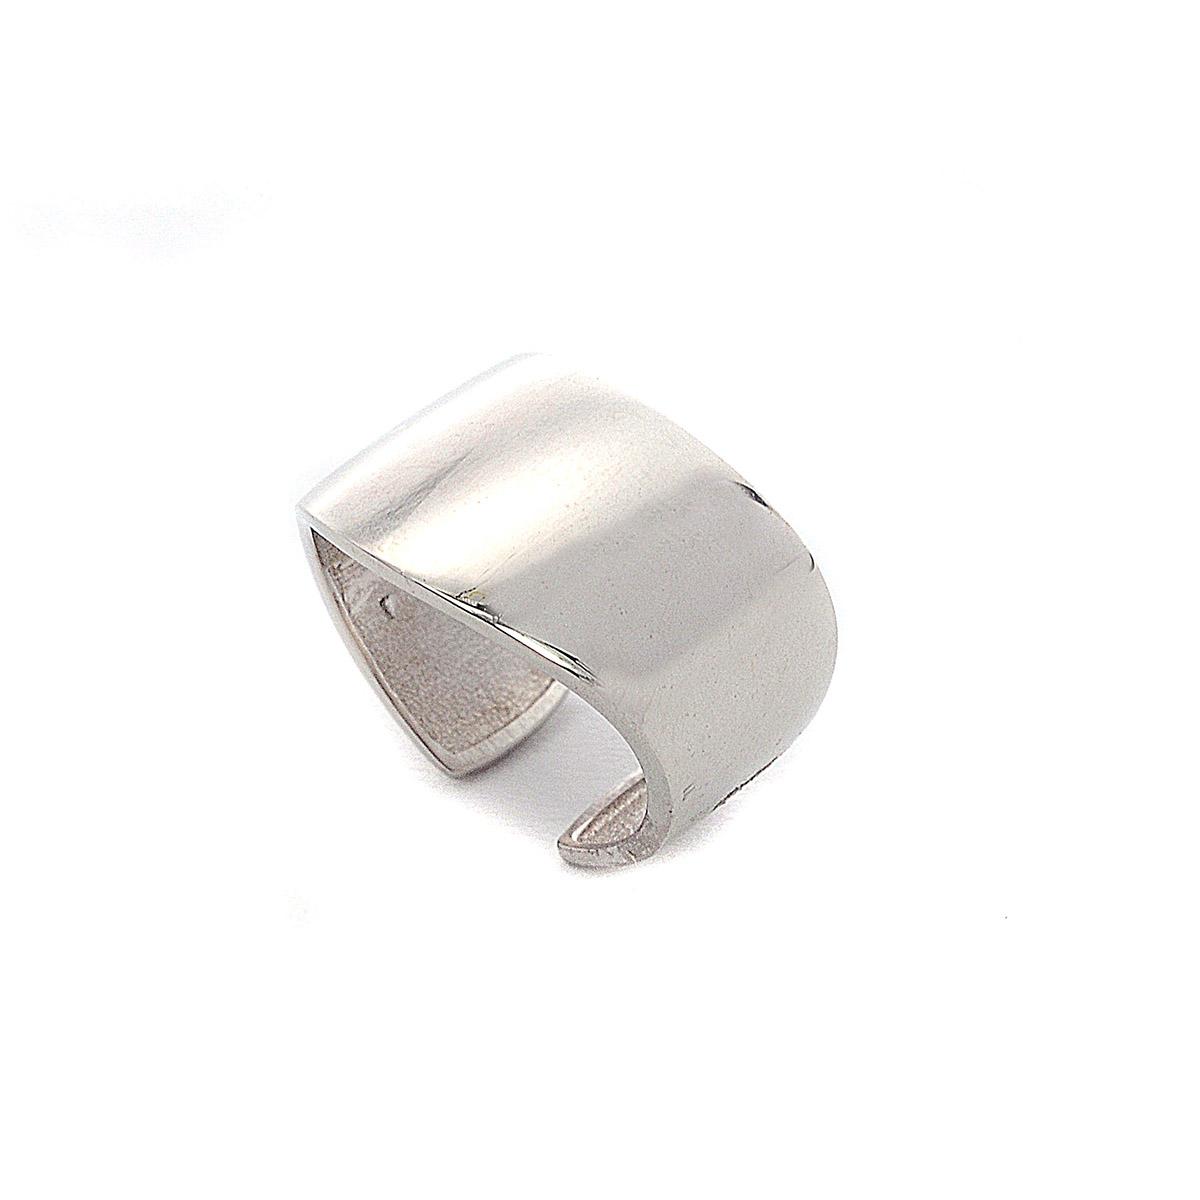 Δαχτυλίδι chevalier ασήμι επιπλατινωμένο 925 4230  eda1c20ccca